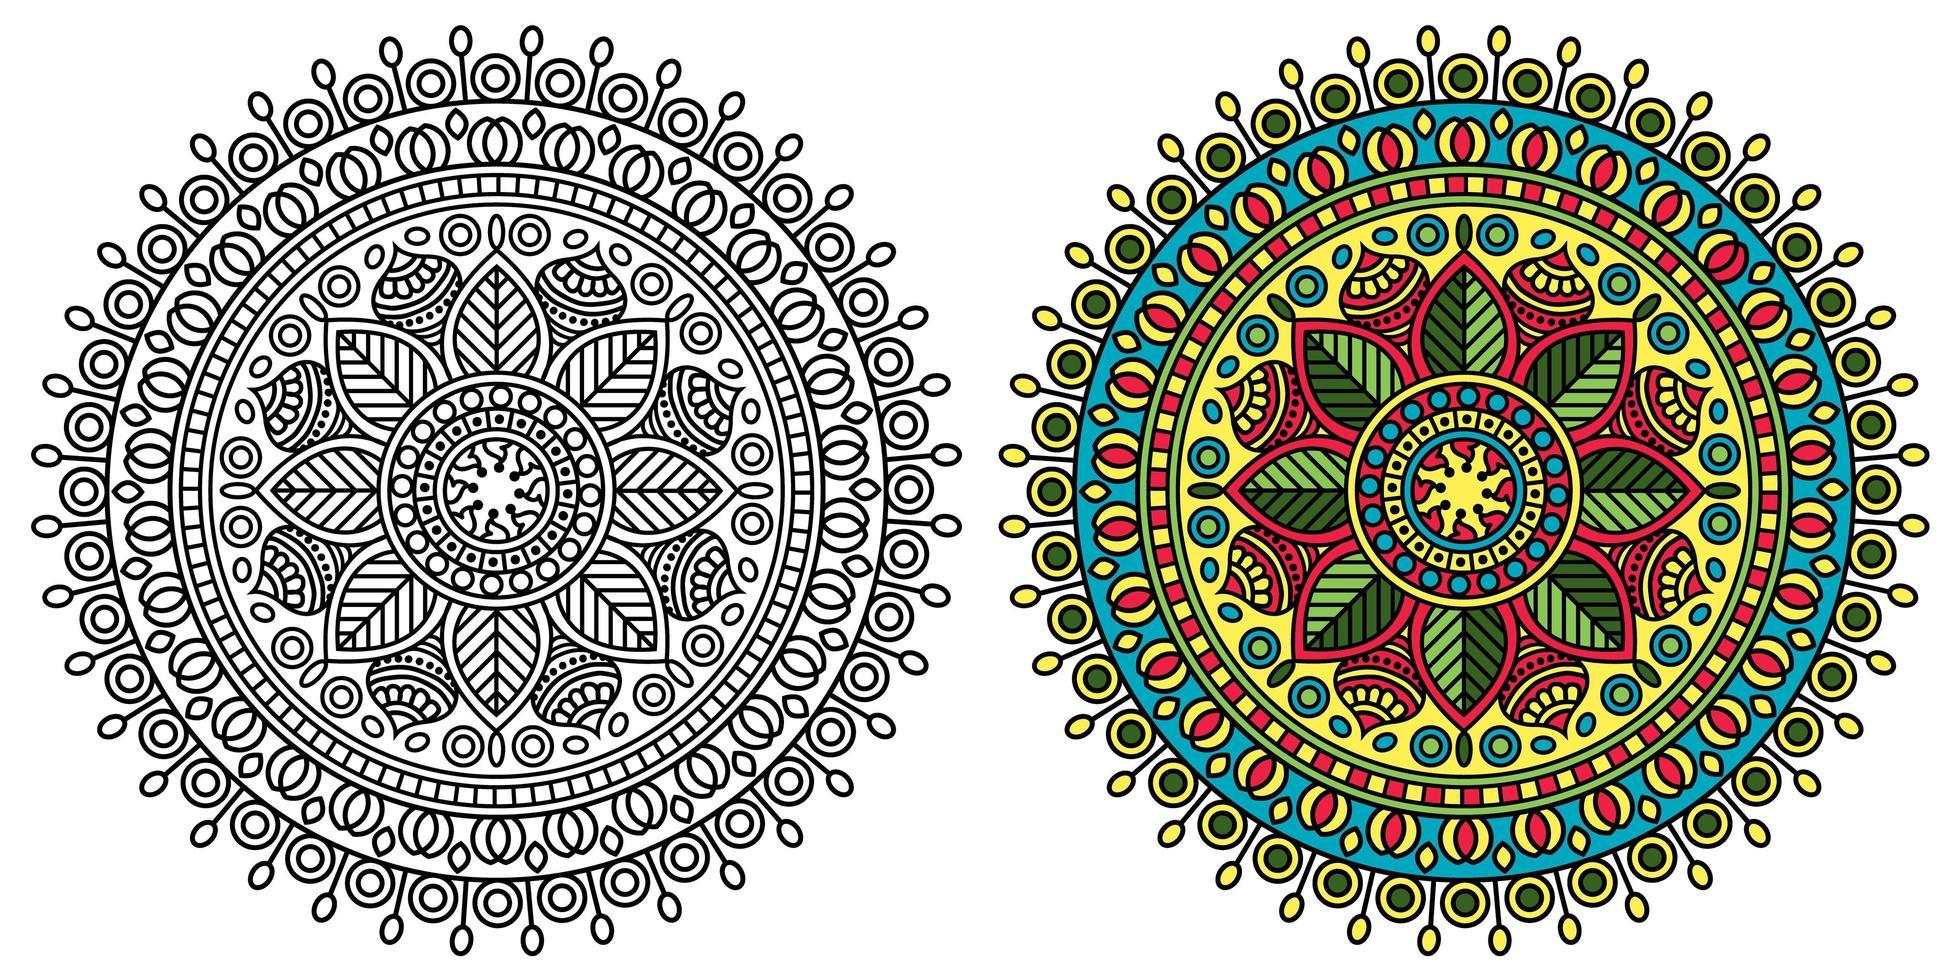 abgerundete dekorative mandala malvorlagen  download